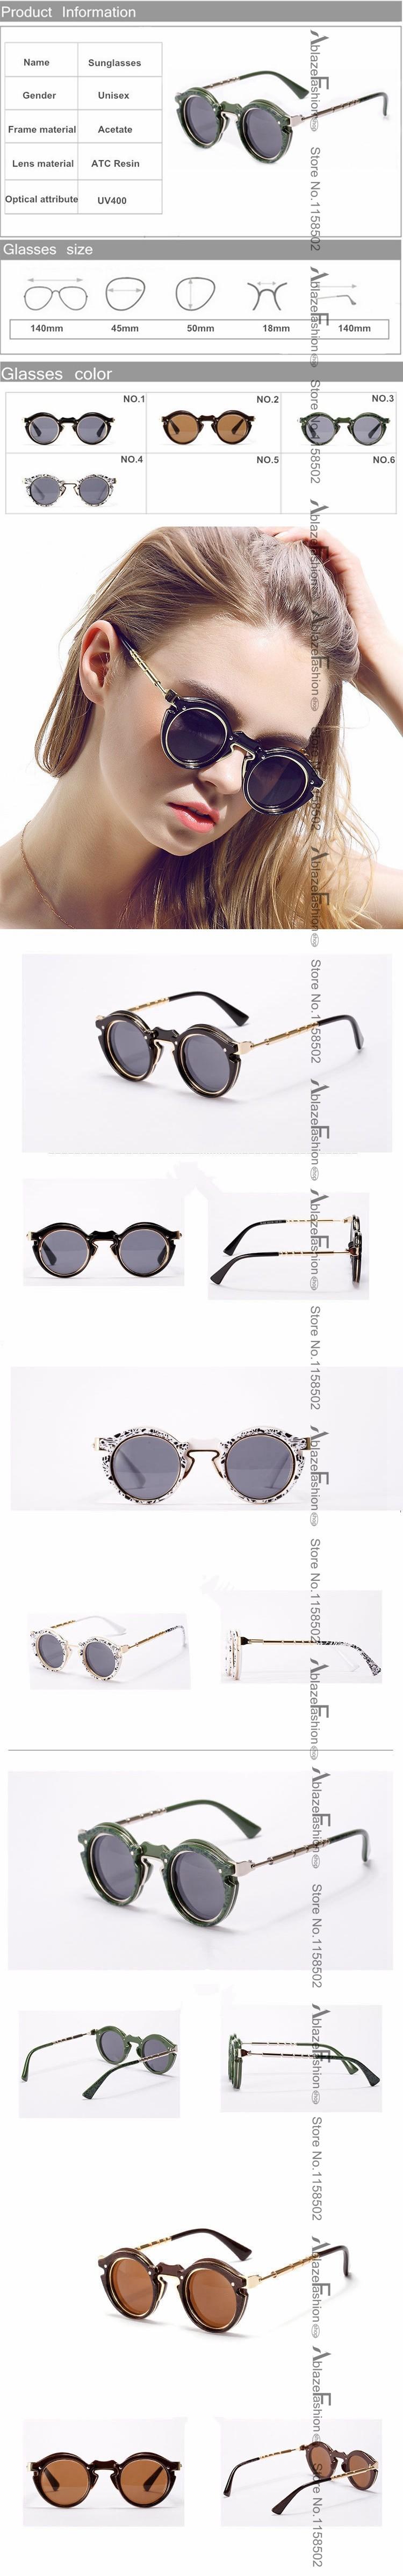 Ретро стимпанк дизайнер солнцезащитных очков мужчин новинка круглые солнцезащитные очки бренд женщины мужчины старинные солнечные очки óculos de sol 4 цветов